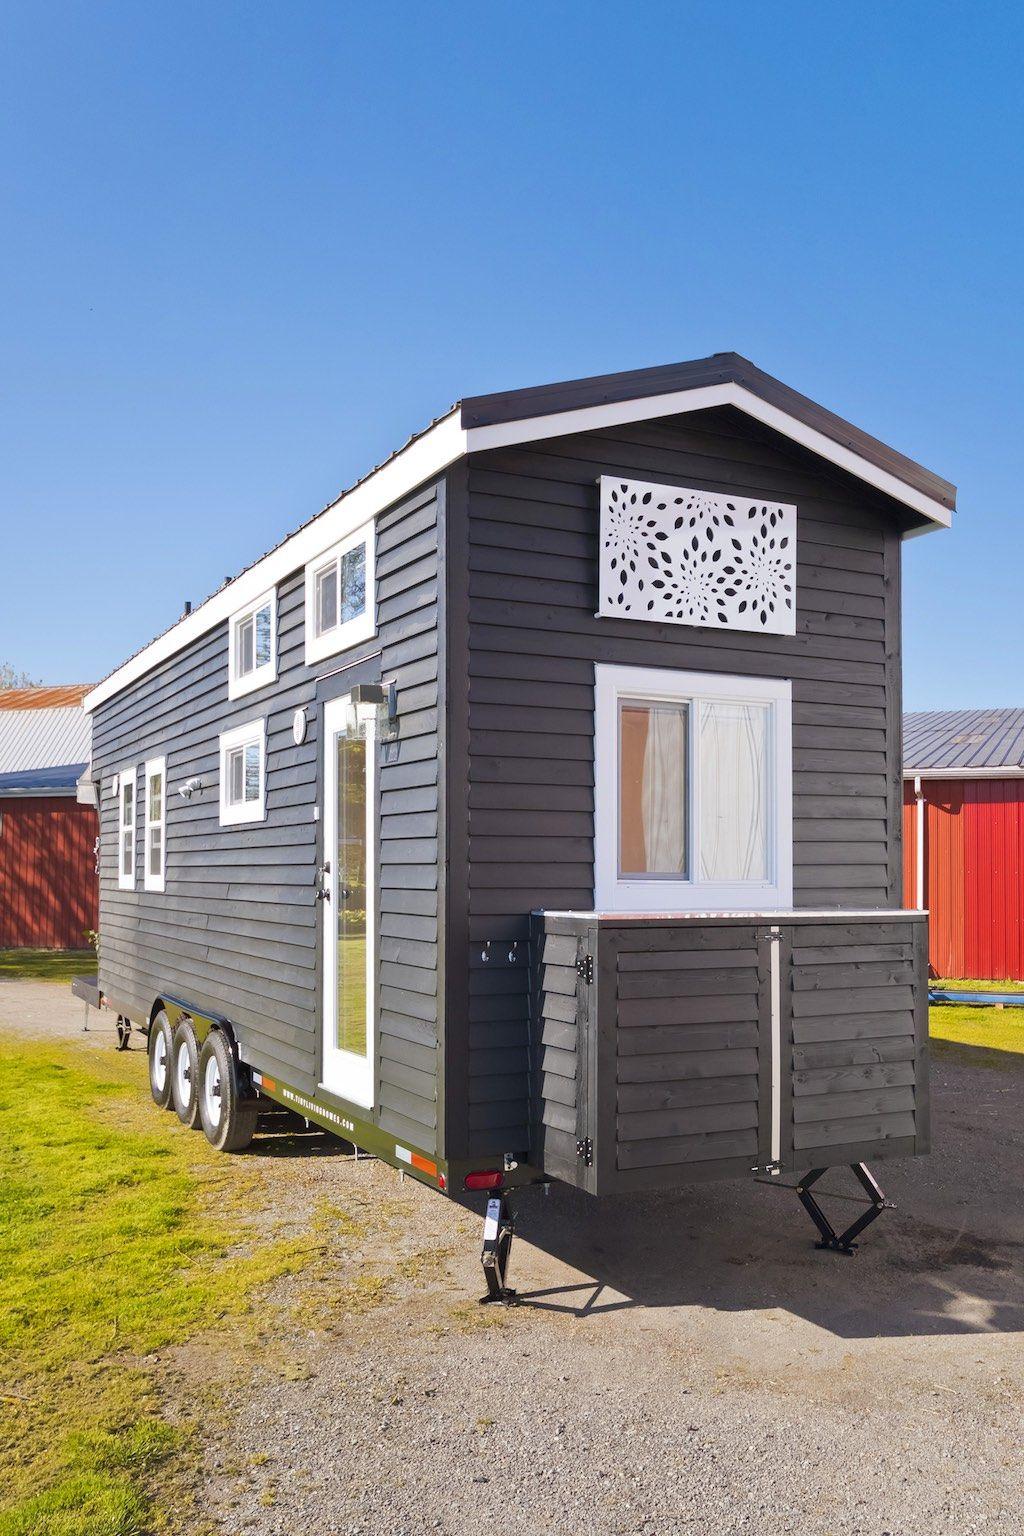 A custom tiny house by Tiny Living